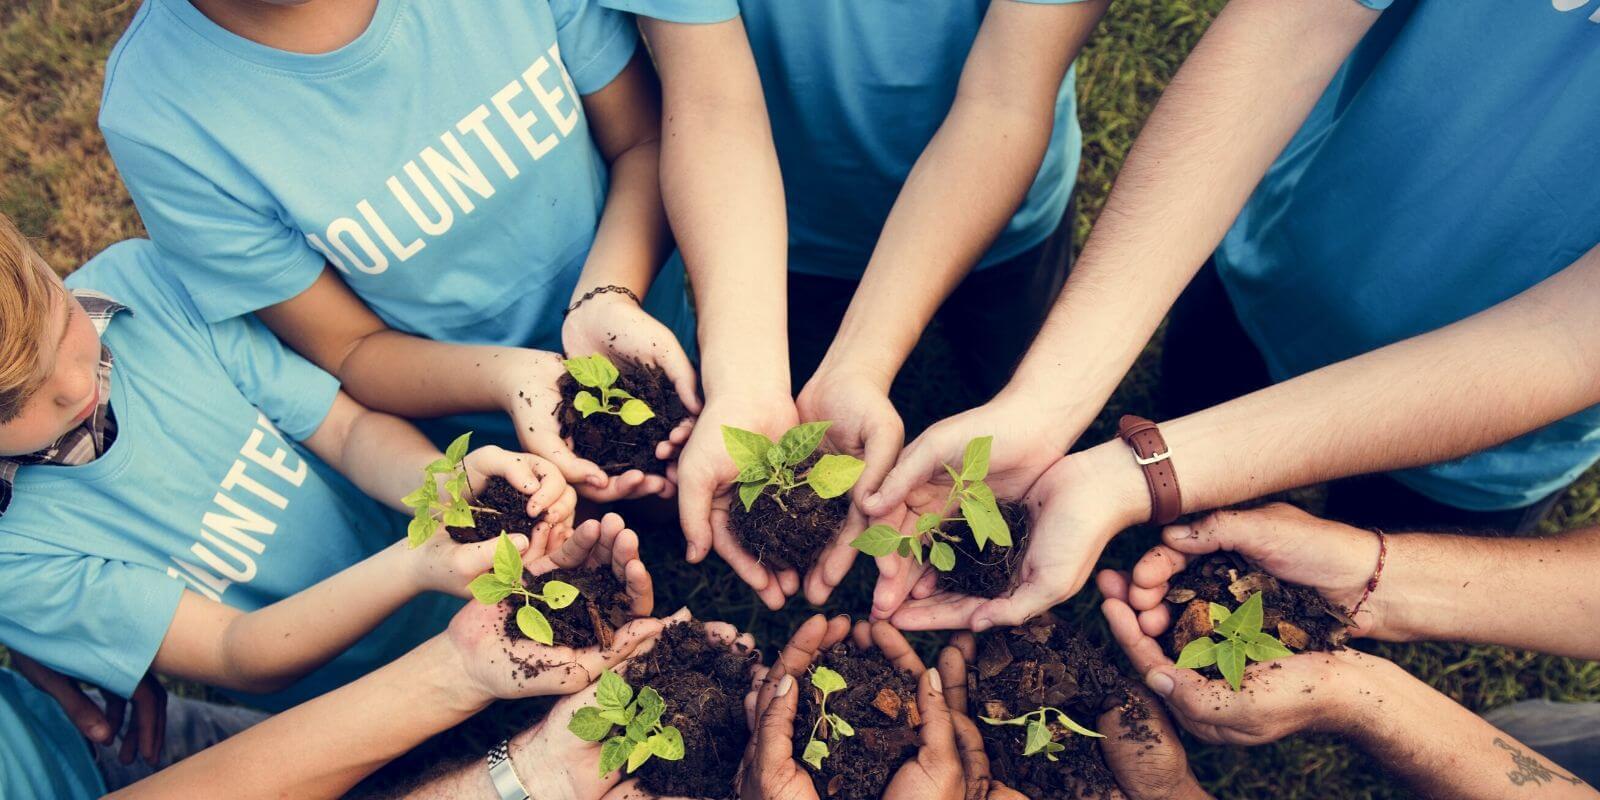 La blockchain au service de la charité et de l'environnement